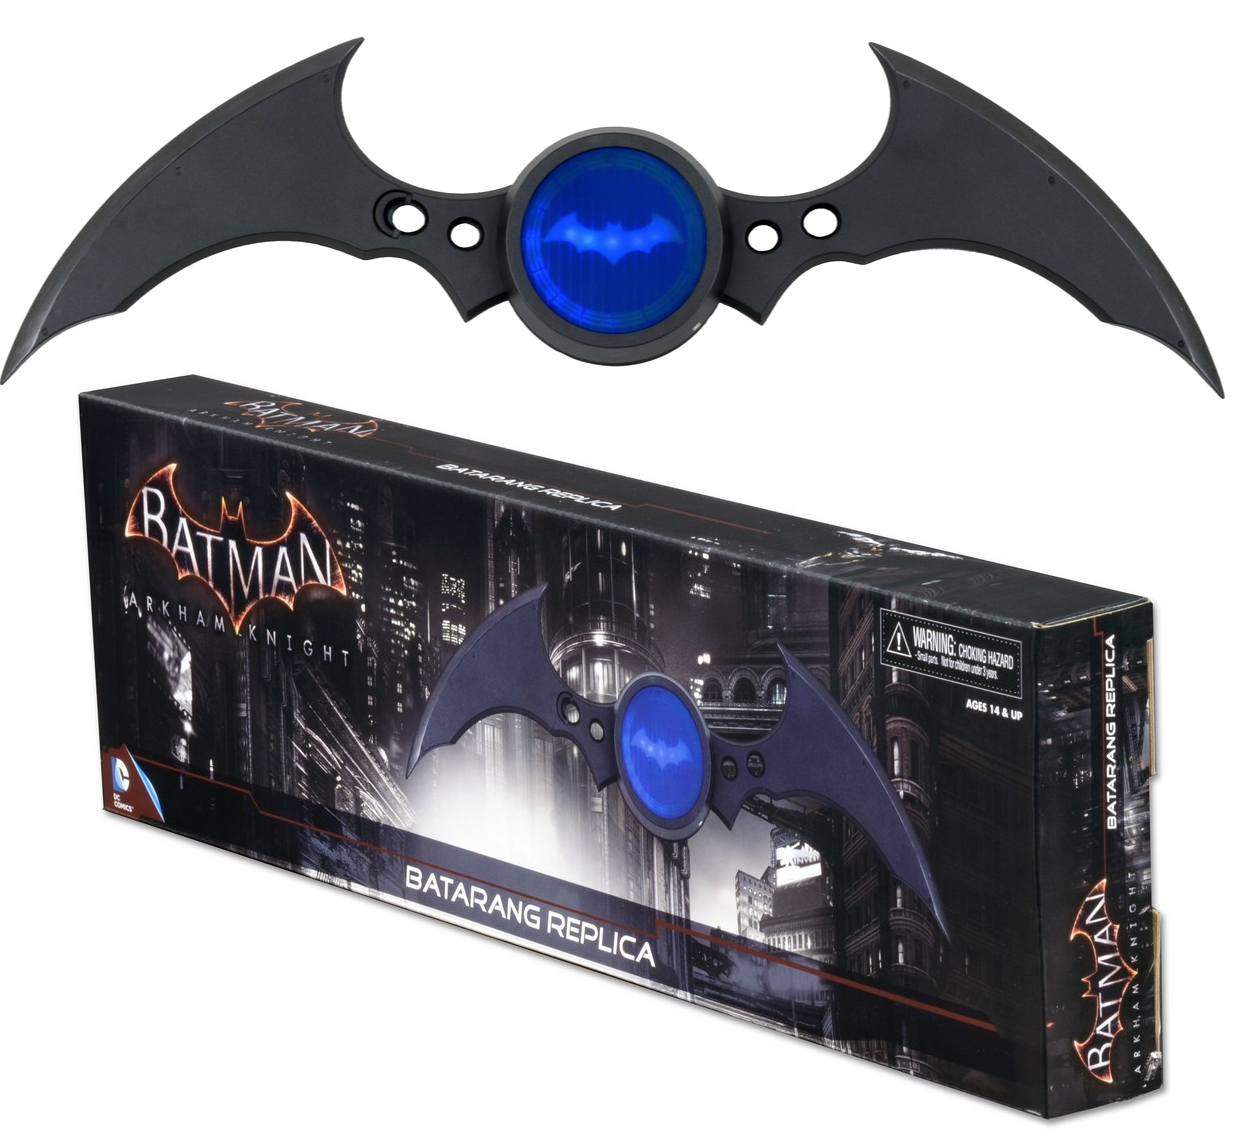 """Электронный бэтаранг оружие Бэтмена - Batman, DC Comics, """"Arkham Knight"""", Batarang Replica, Neca"""